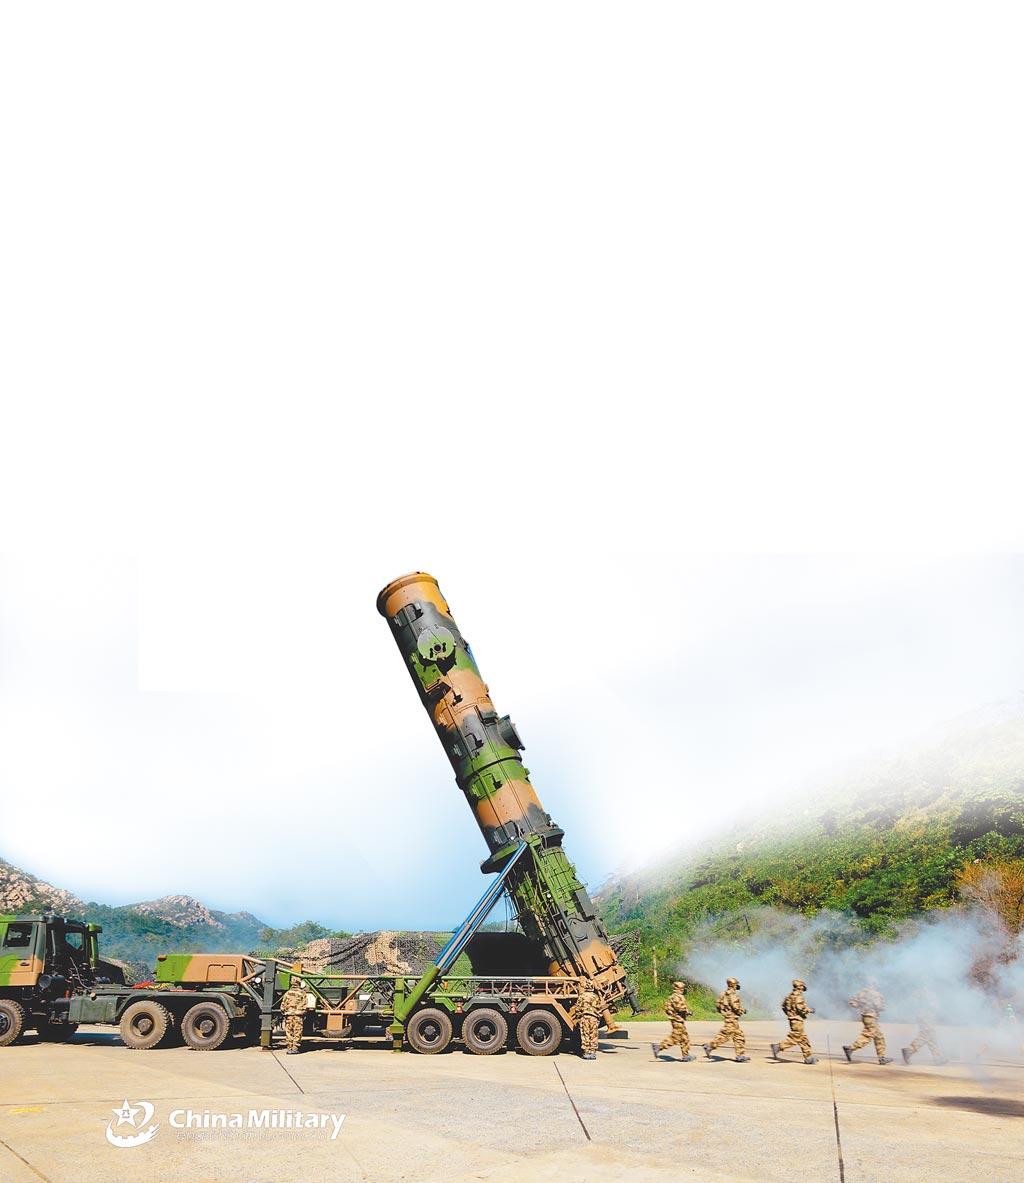 解放軍發展多款飛彈。圖為東風-21A飛彈。(取自中國軍網)